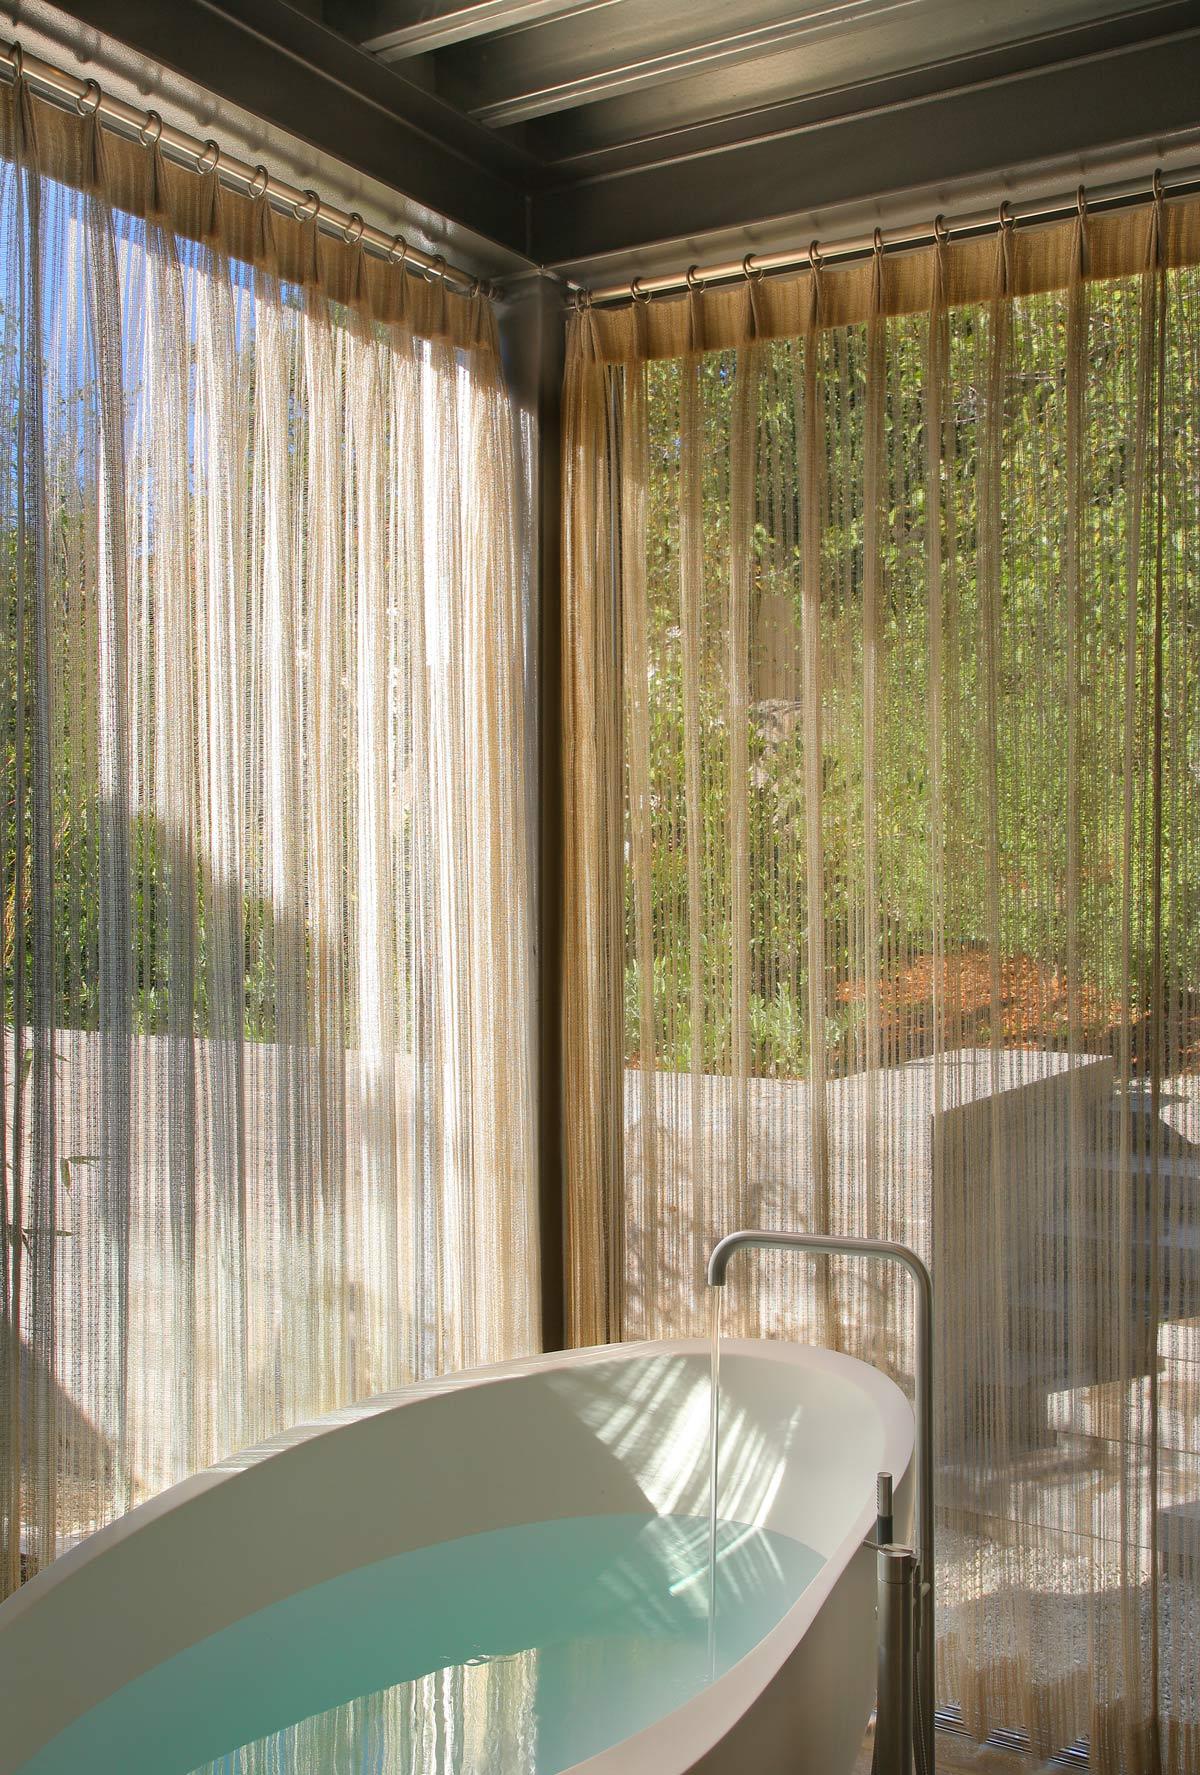 soaking tub behind sheer curtains